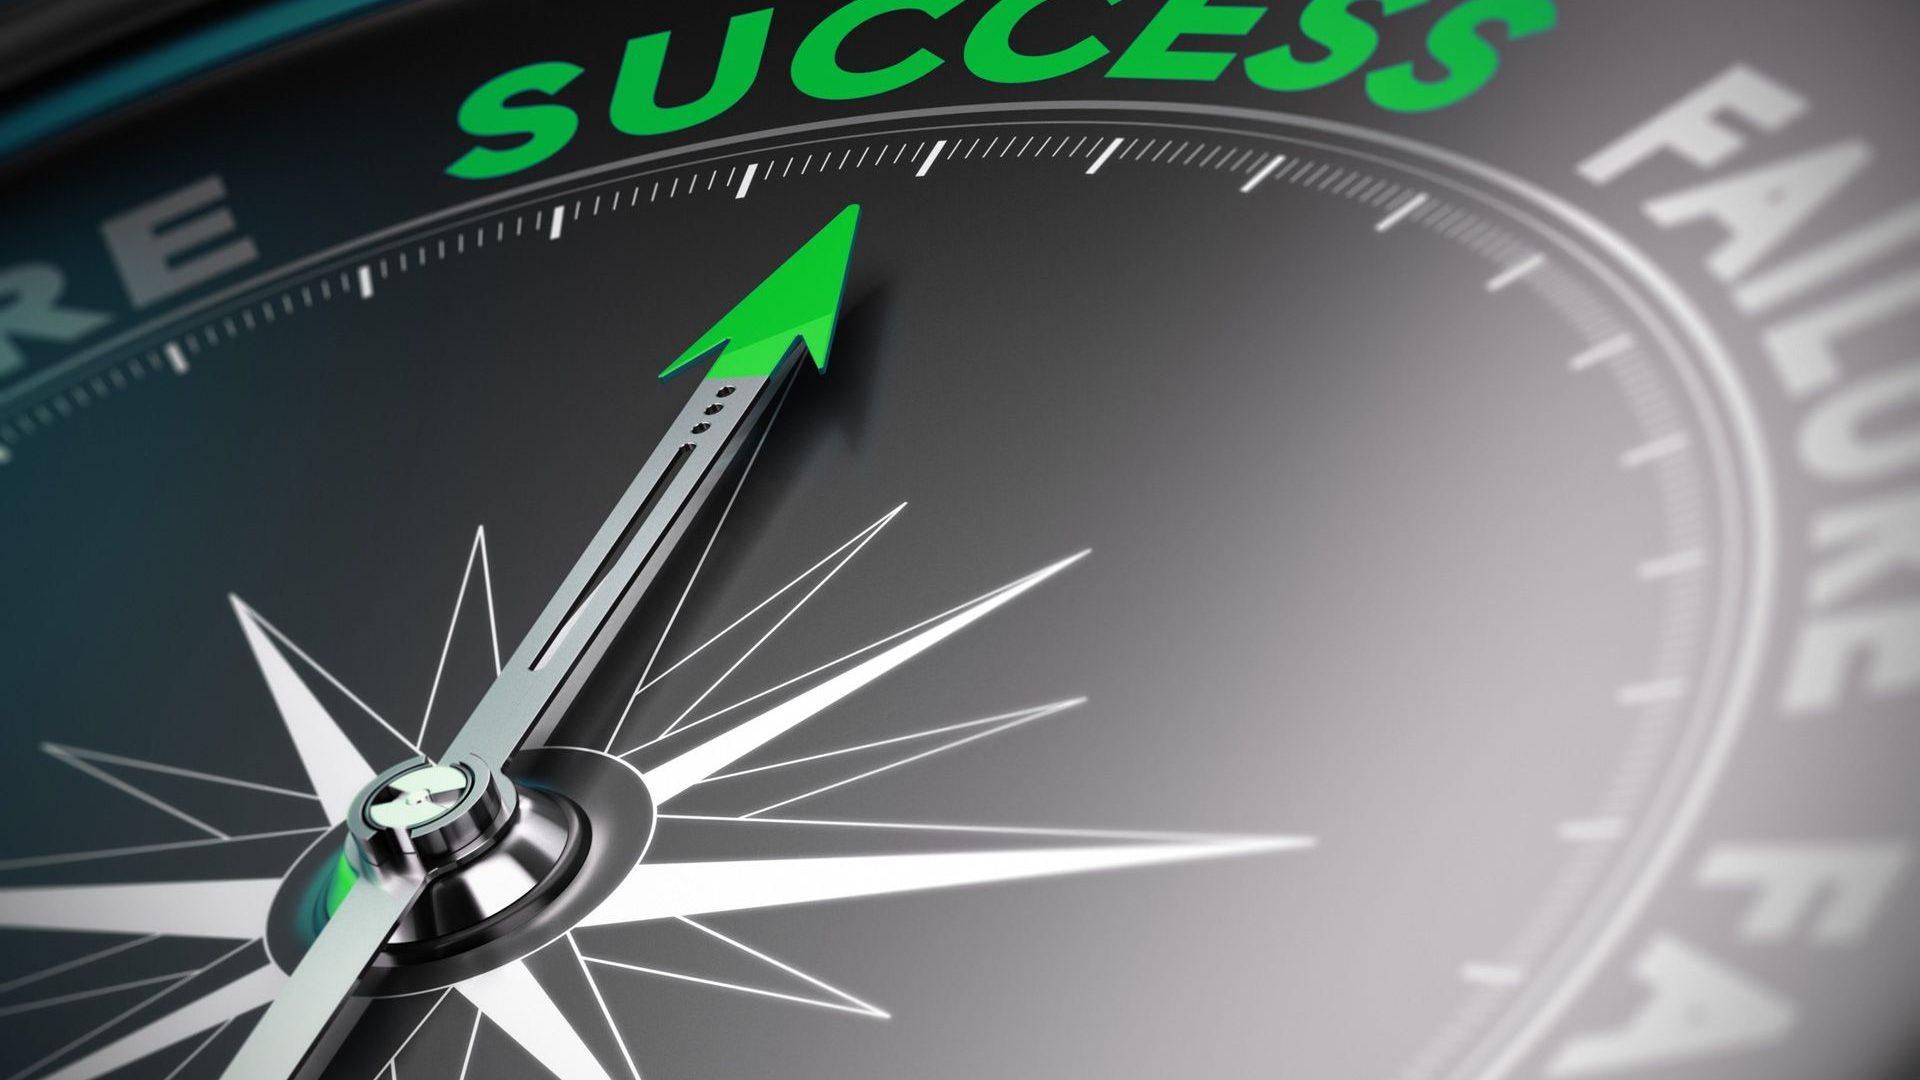 Der Weg zum Erfolg